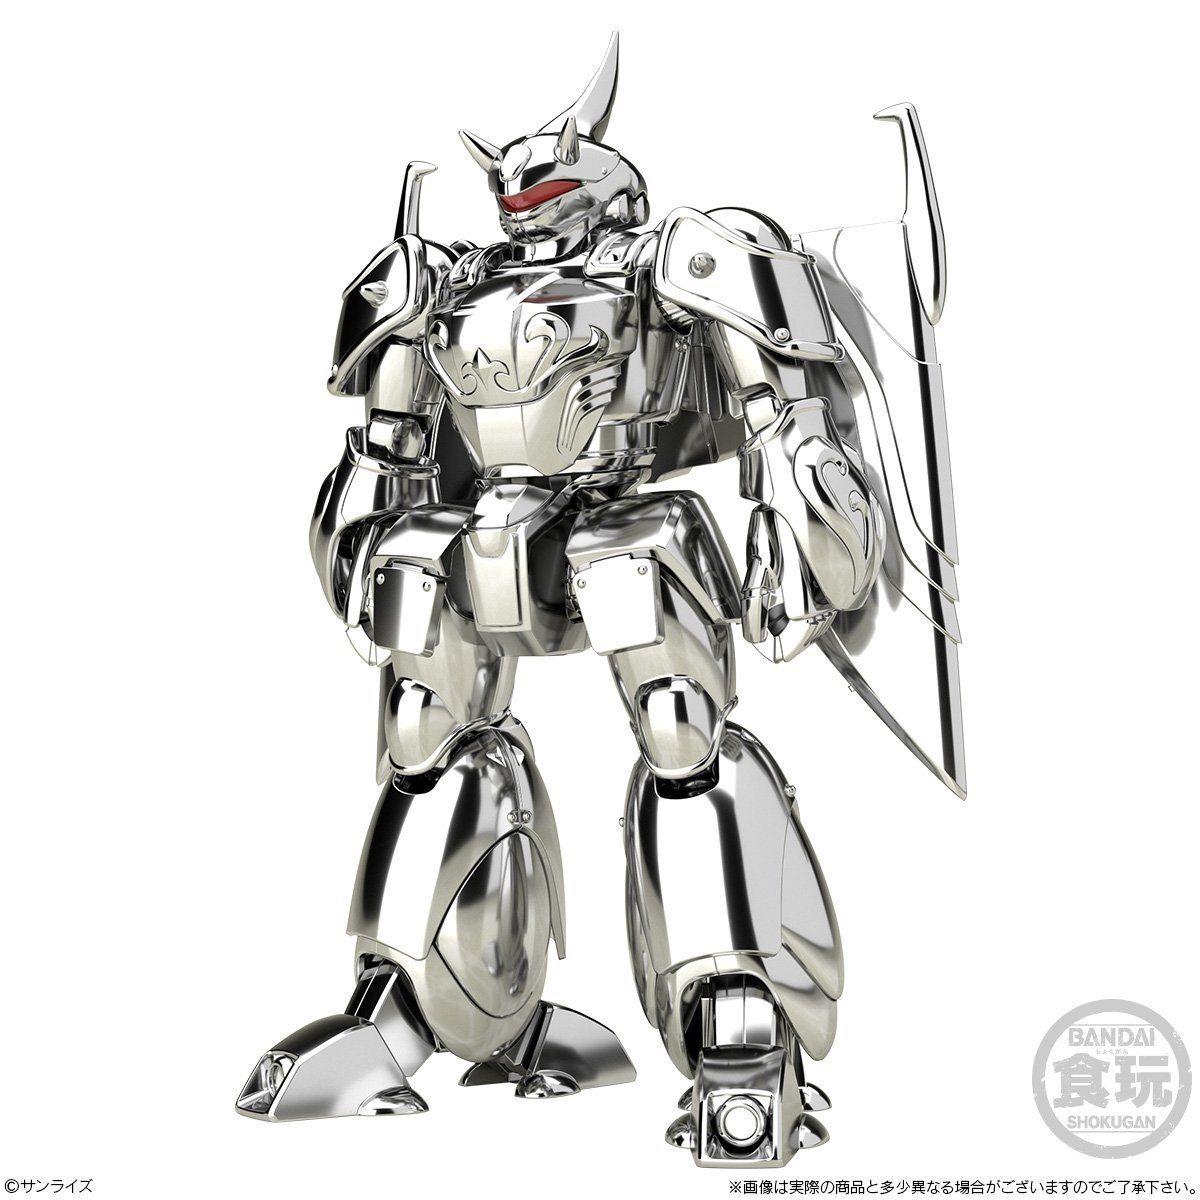 スーパーミニプラ『飛甲兵ウィンガル・ジー ハイ・シャルタット機|機甲界ガリアン』プラモデル-001